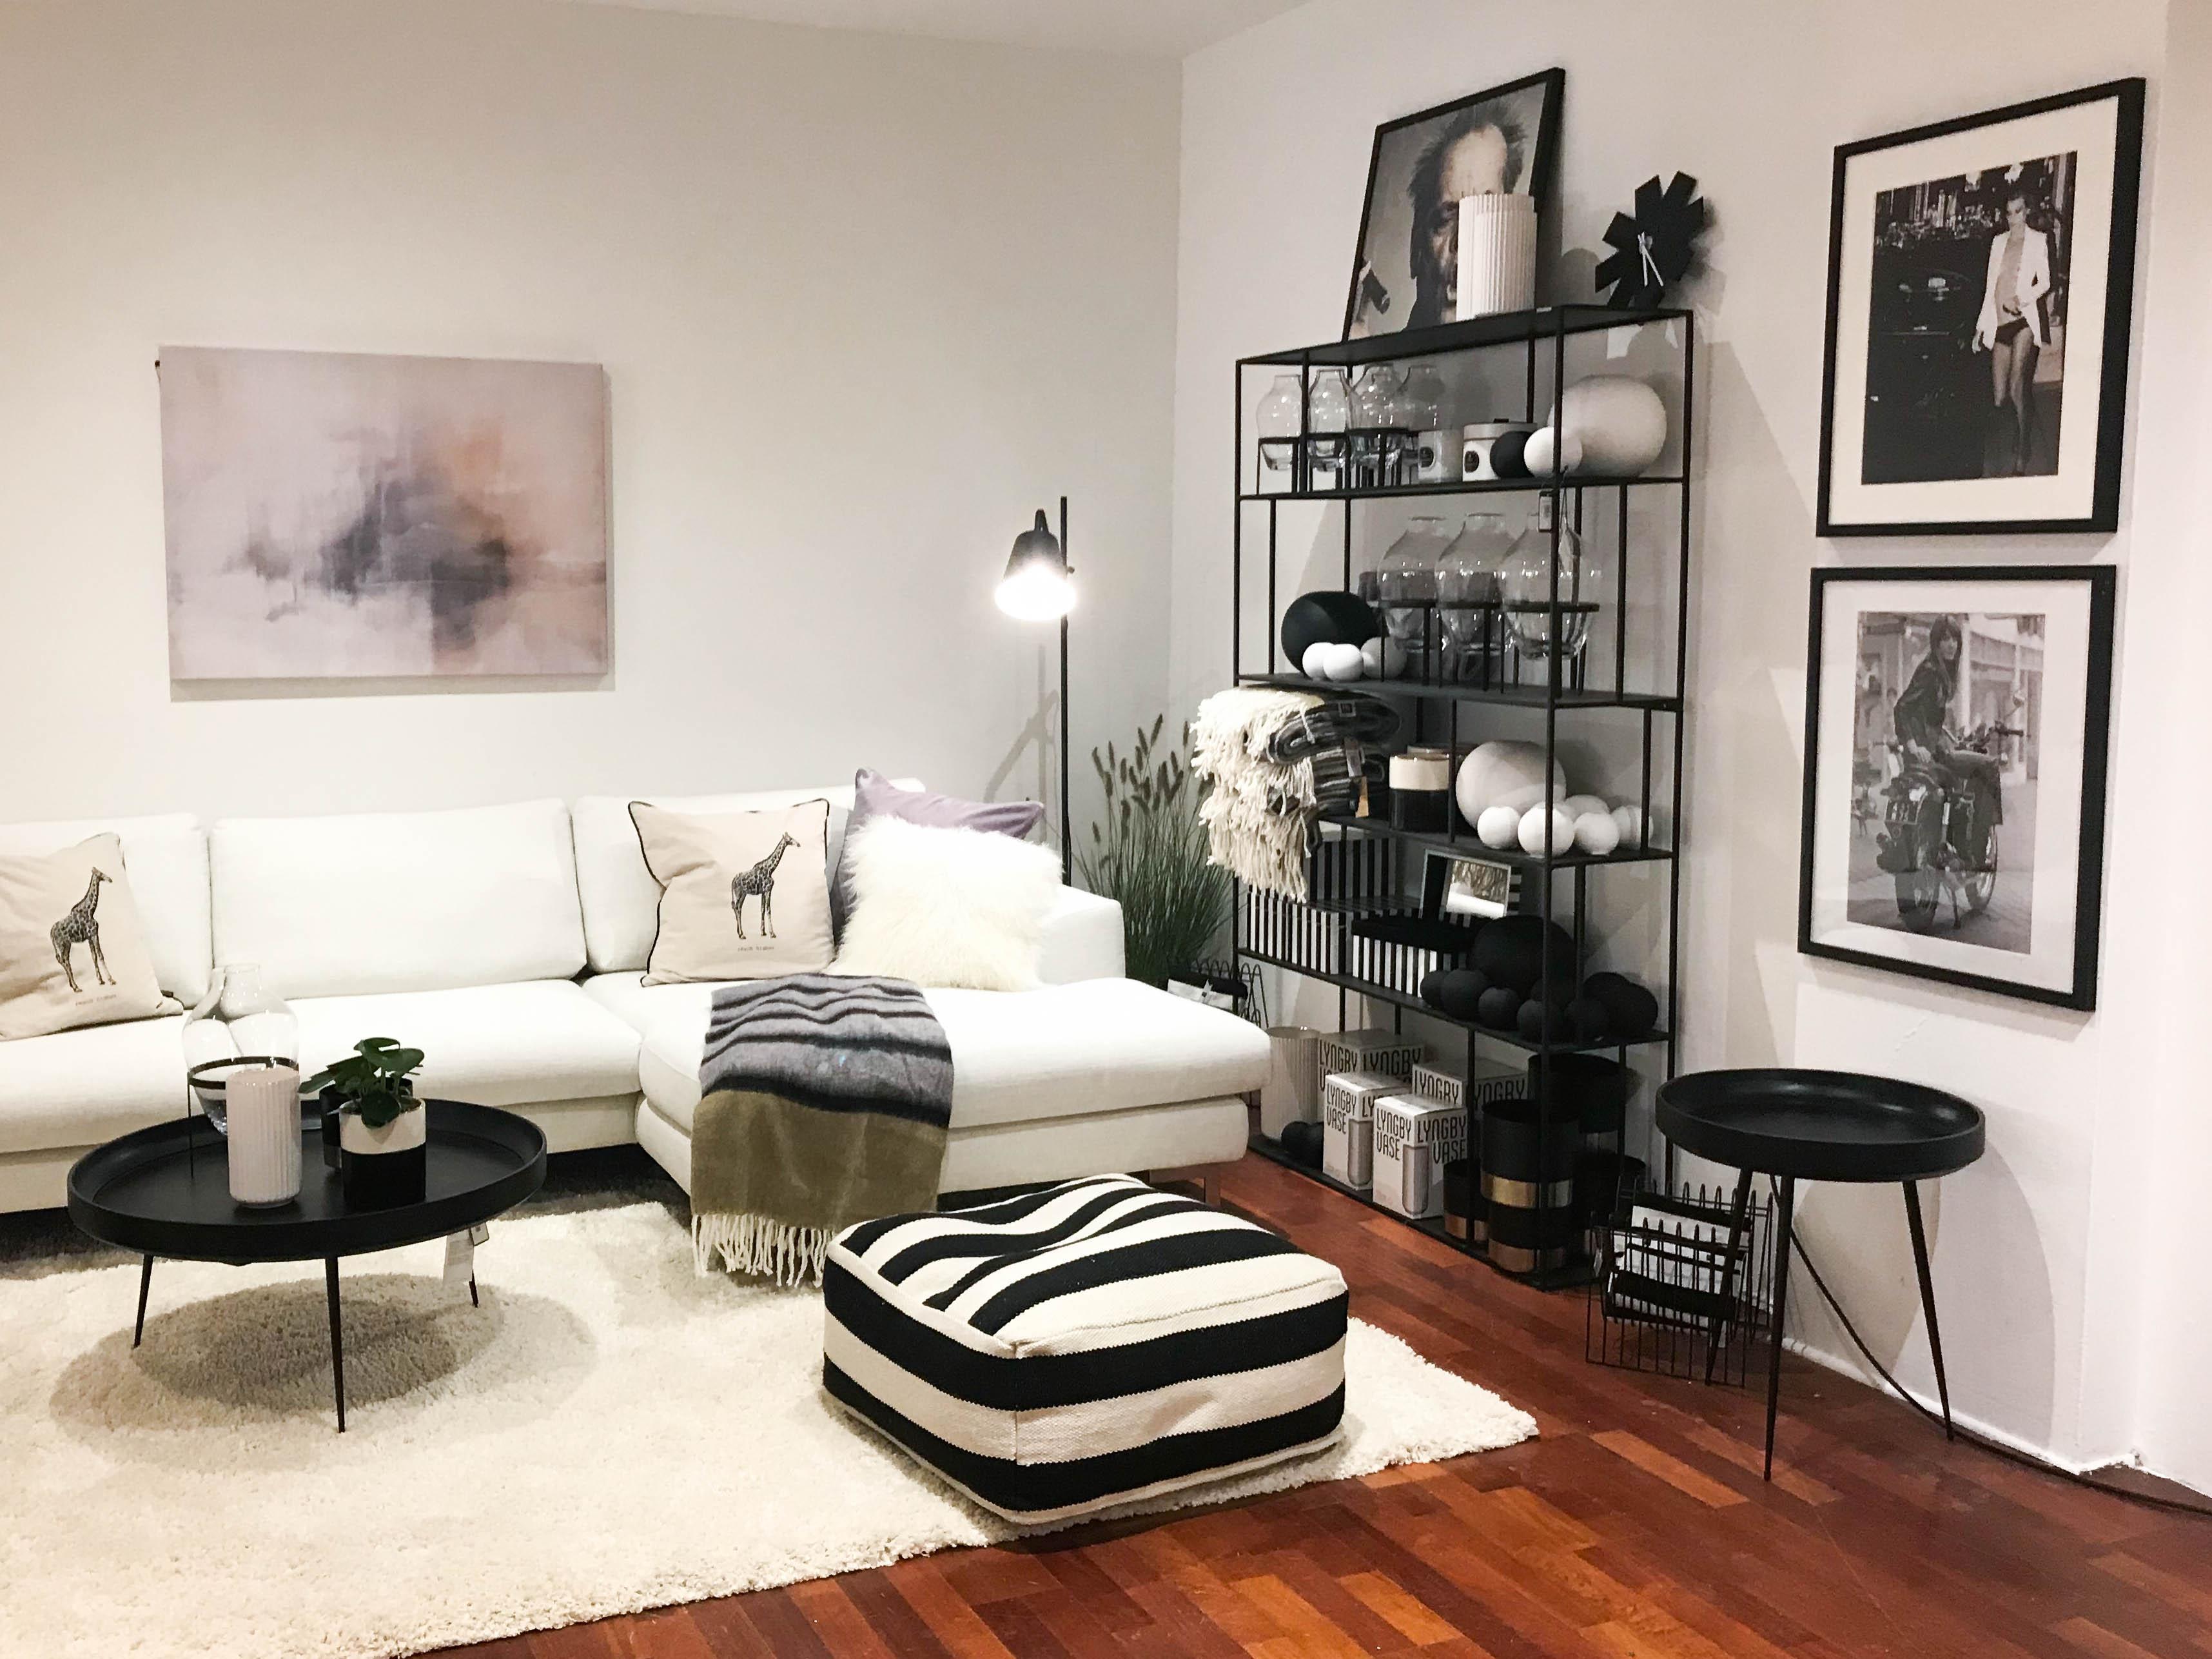 wohnzimmer schwarz wei, schwarz weiß • bilder & ideen • couch, Design ideen